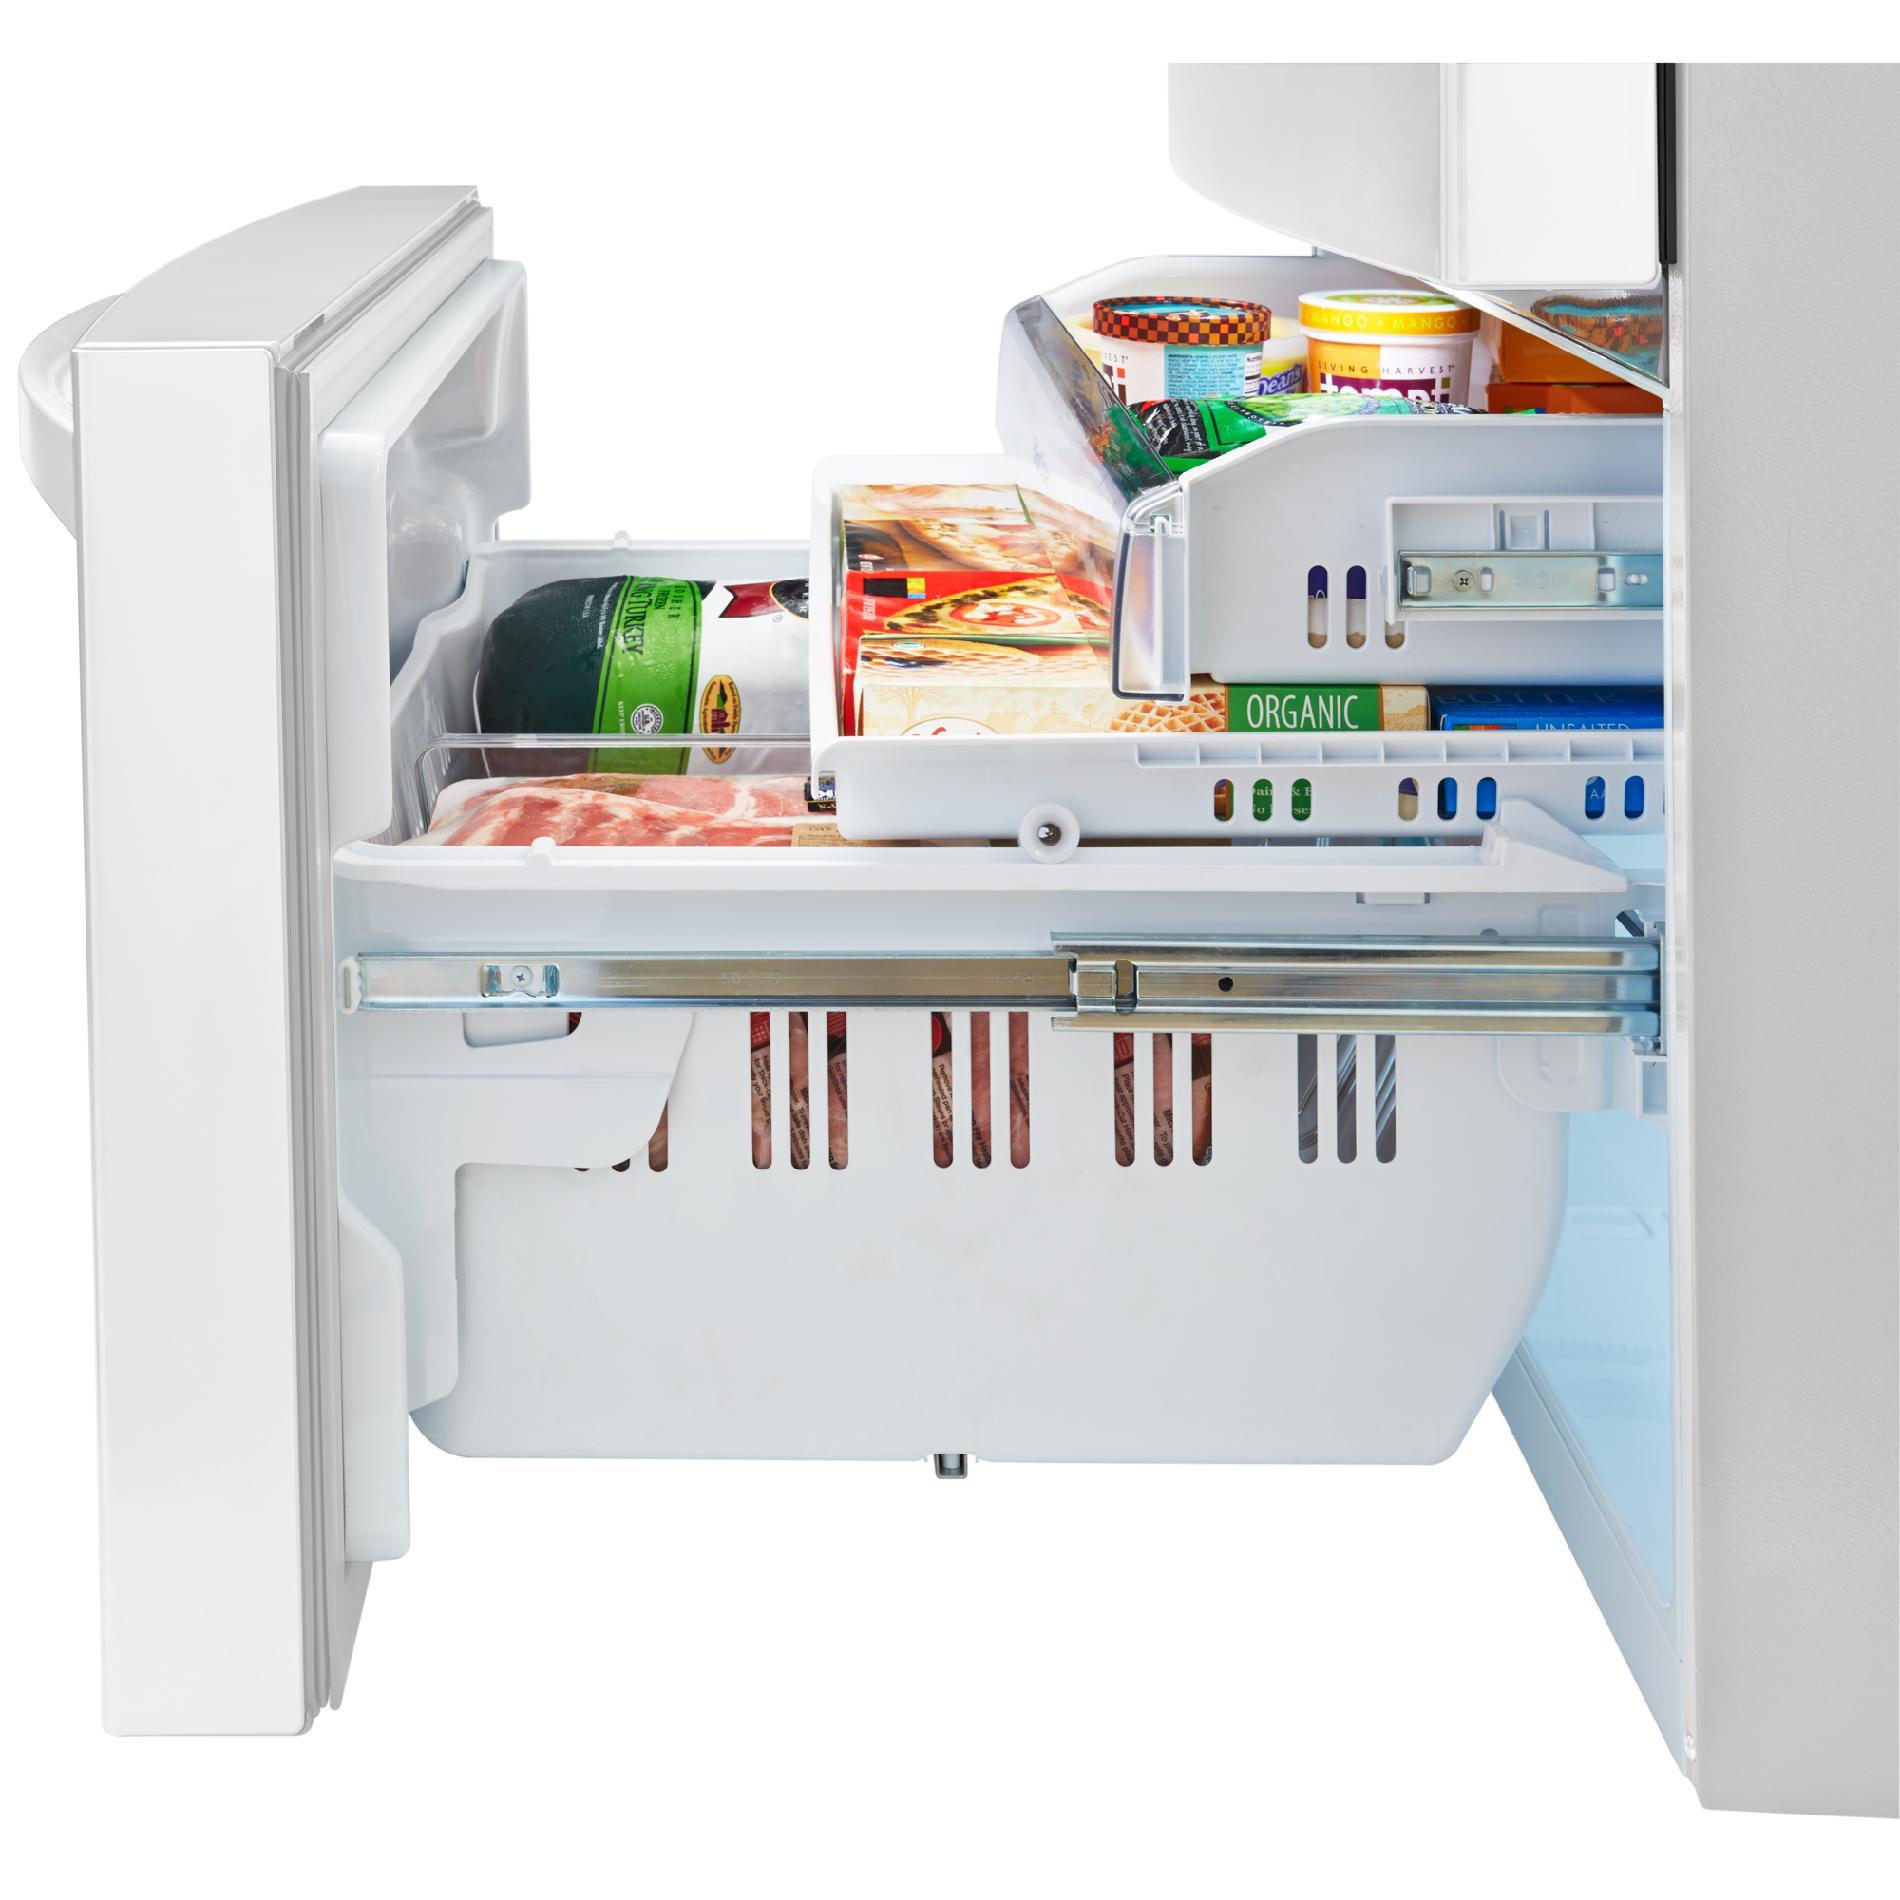 Kenmore Elite 72482 29.9 cu.ft. 4-Door Bottom-Freezer Refrigerator w/Dispenser